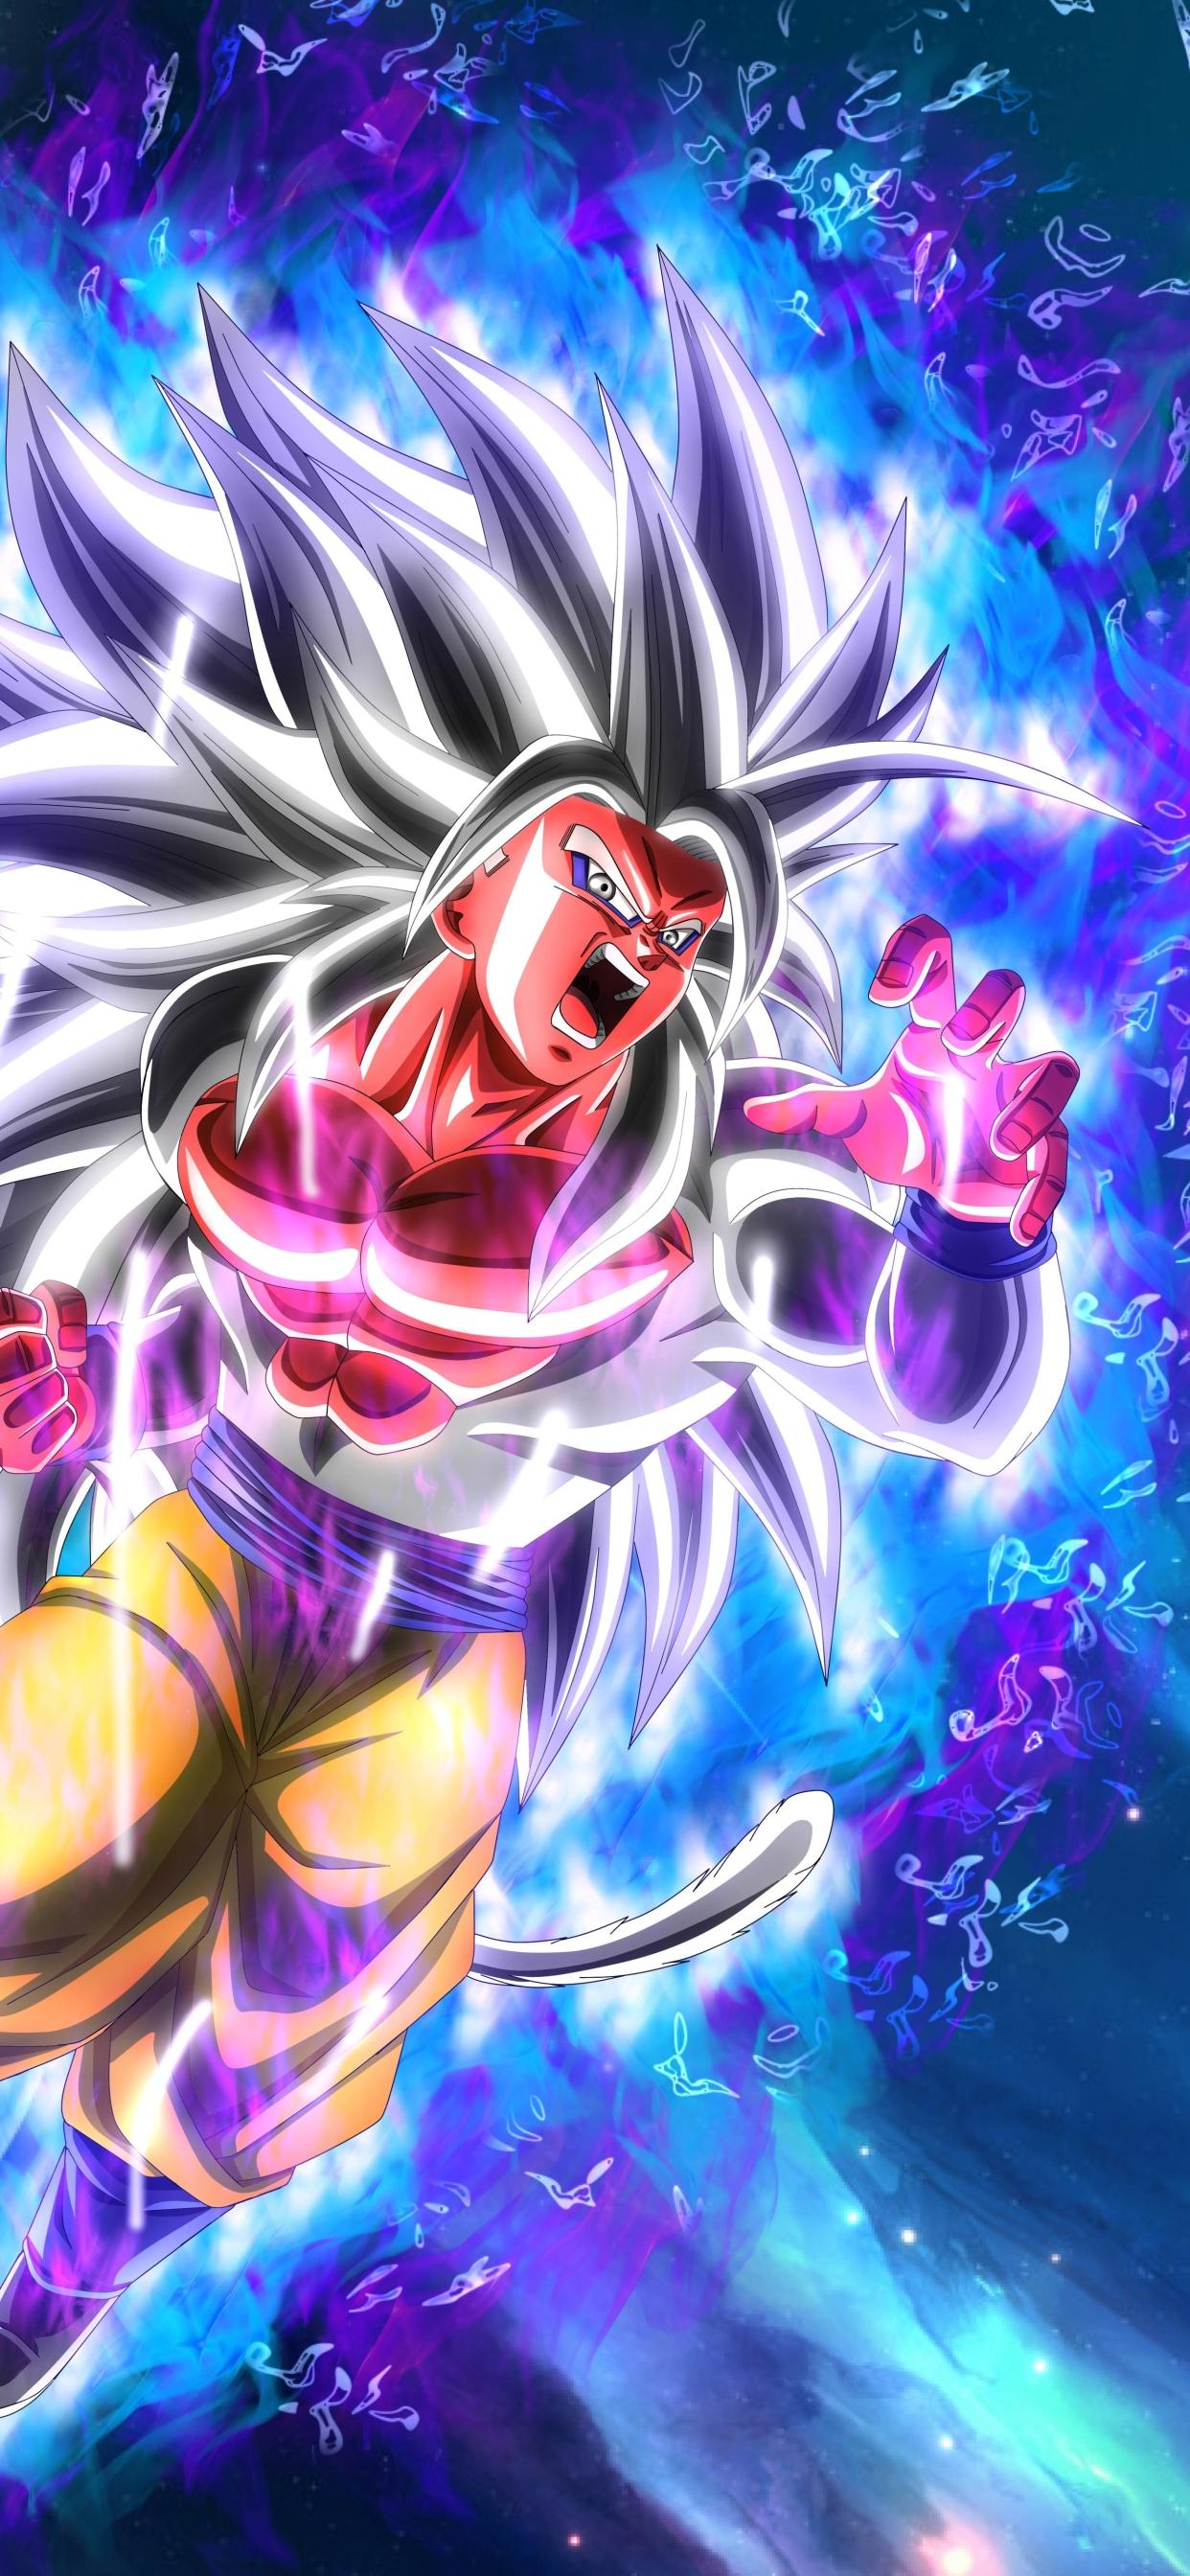 1242x2688 Goku Ssj5 8k Iphone Xs Max Wallpaper Hd Anime 4k